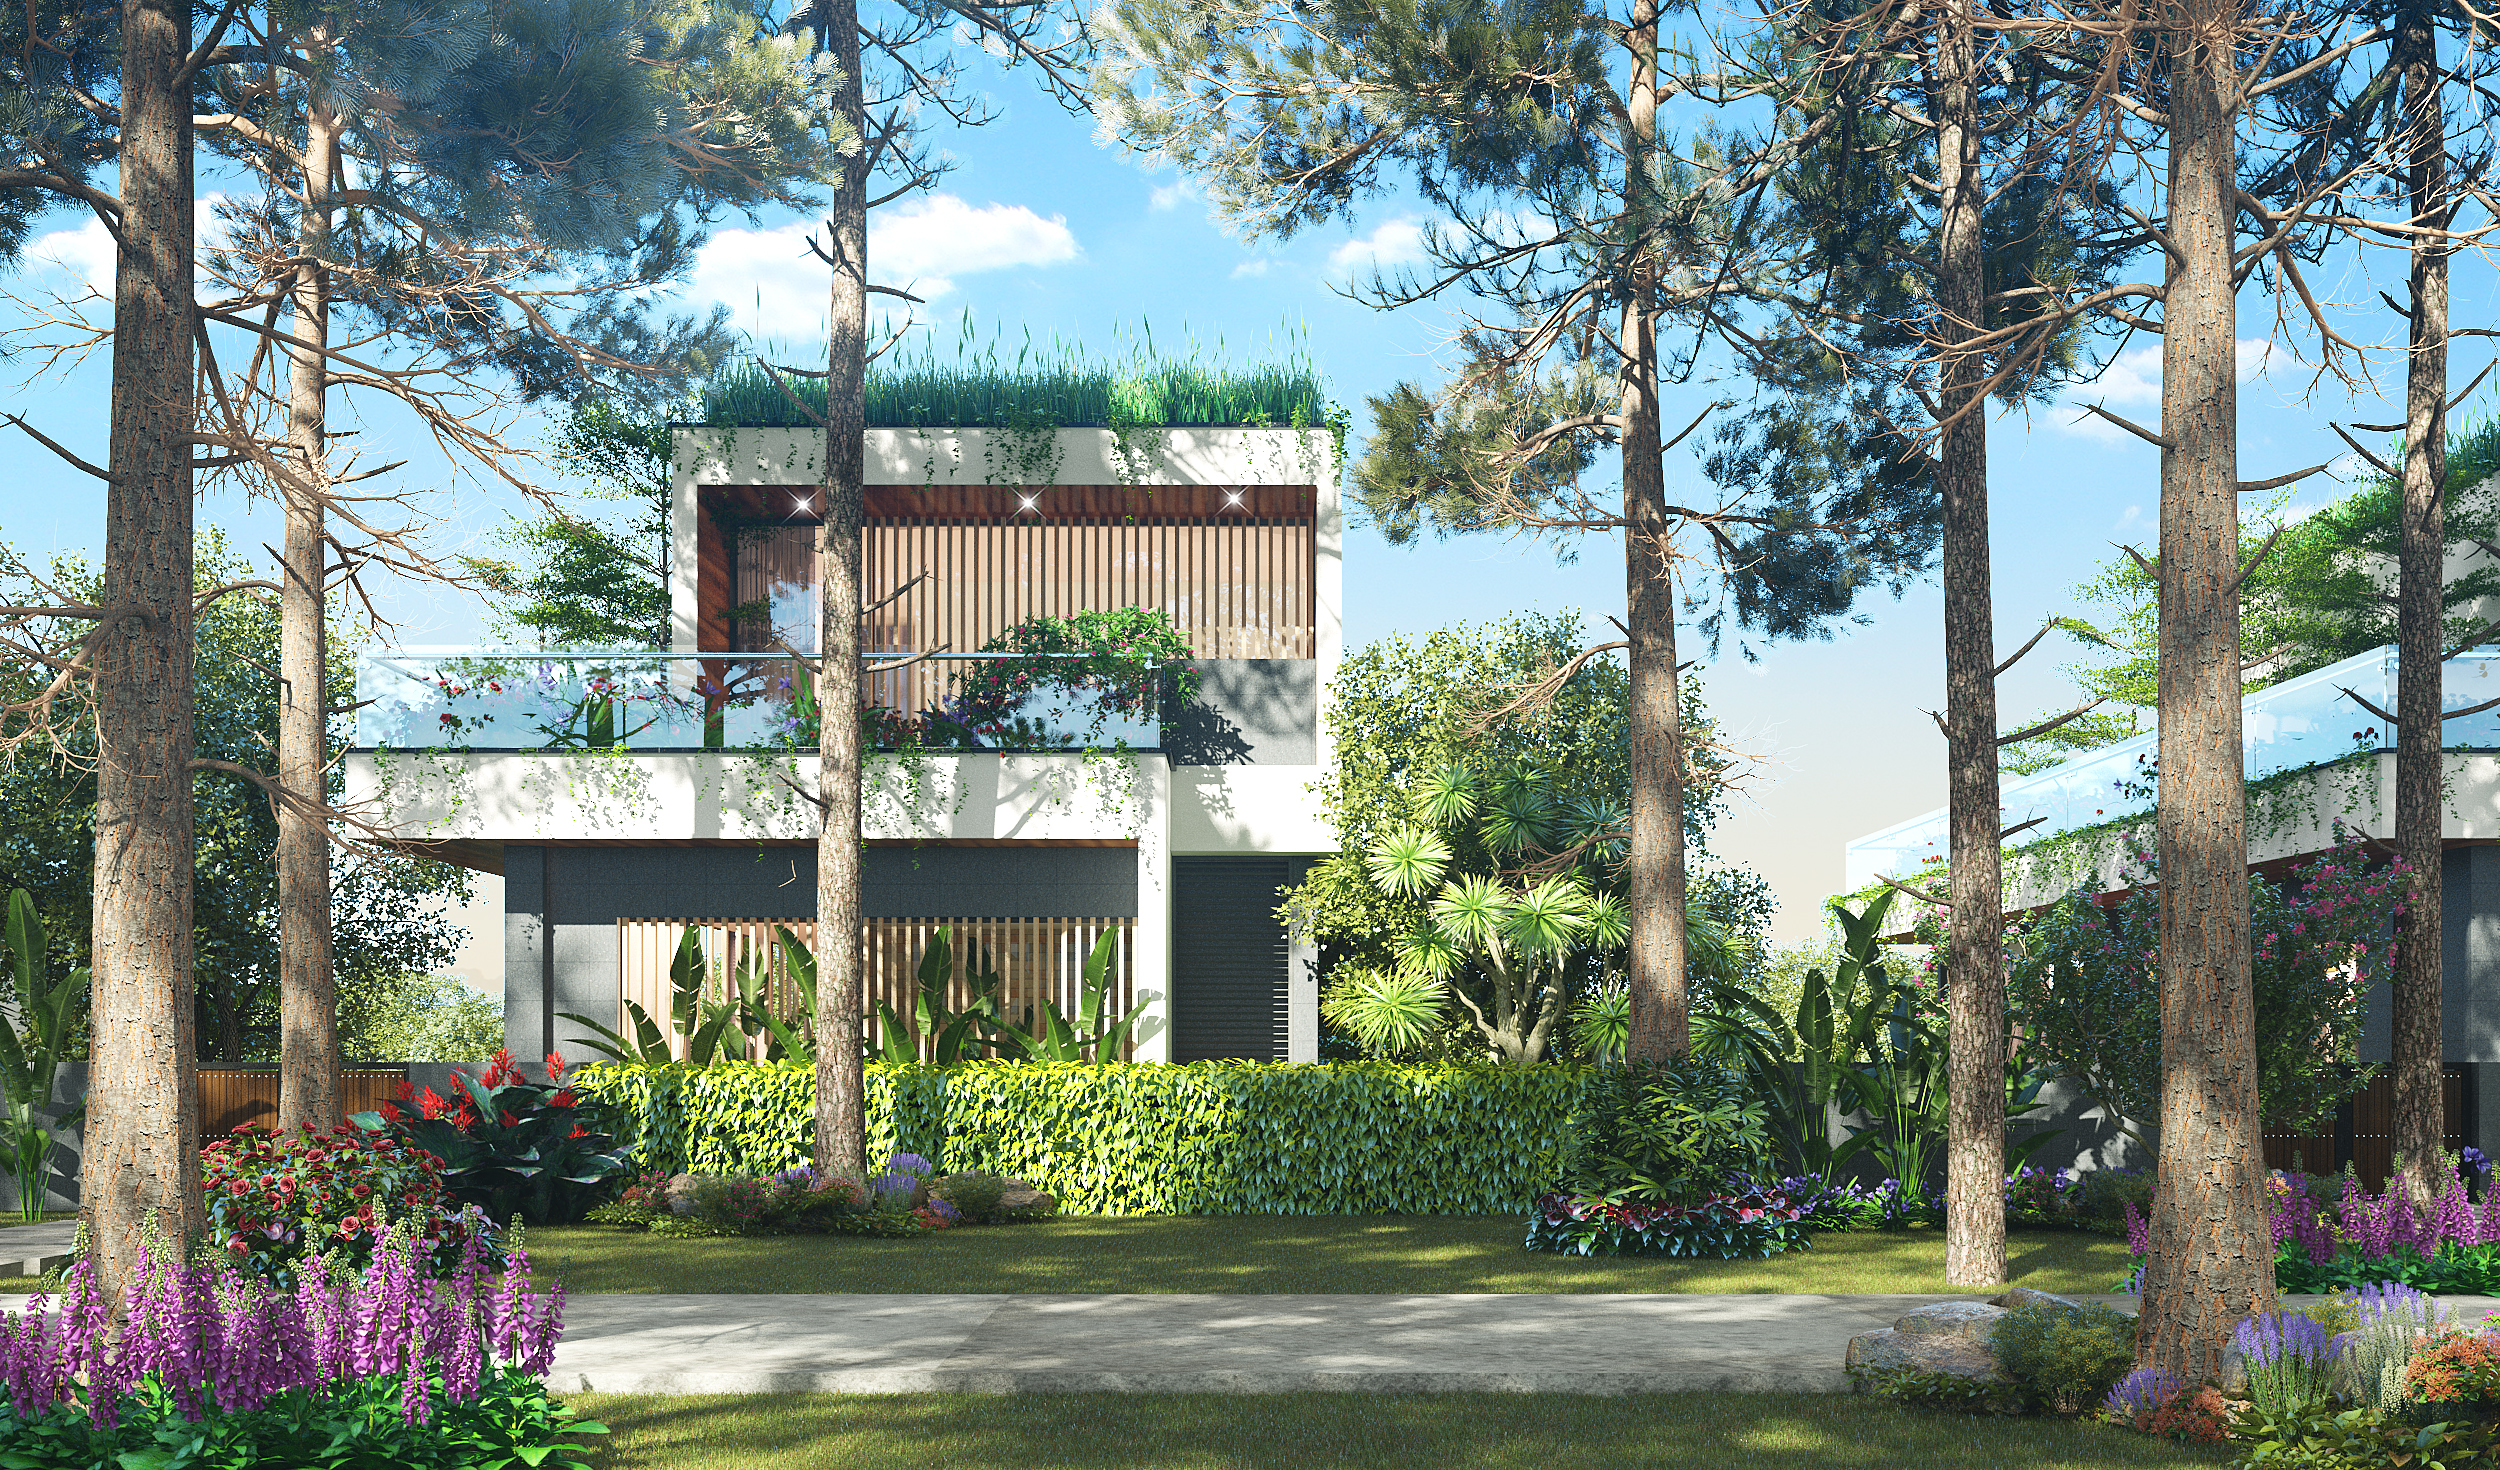 Thiết kế mặt trước biệt thự đơn lập the legend villas flamingo đại lải